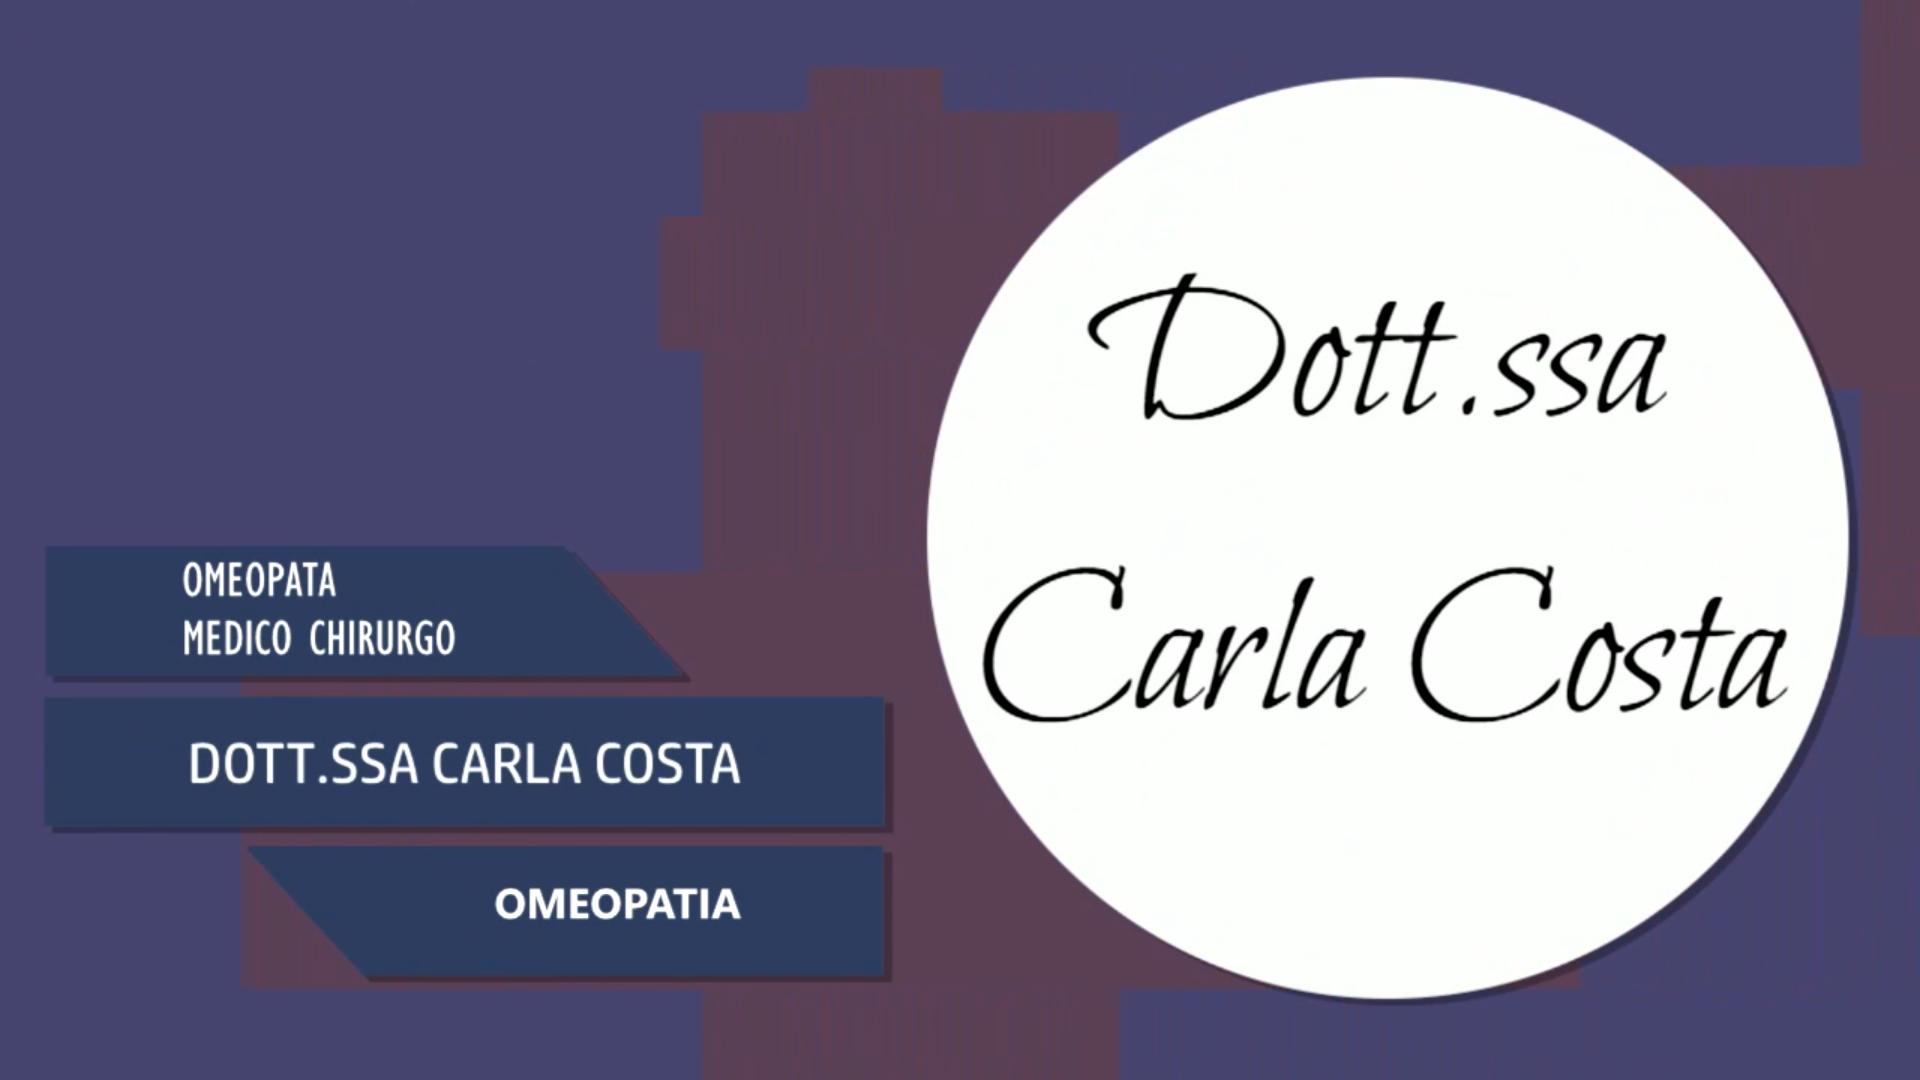 Intervista alla Dott.ssa Carla Costa – Omeopatia